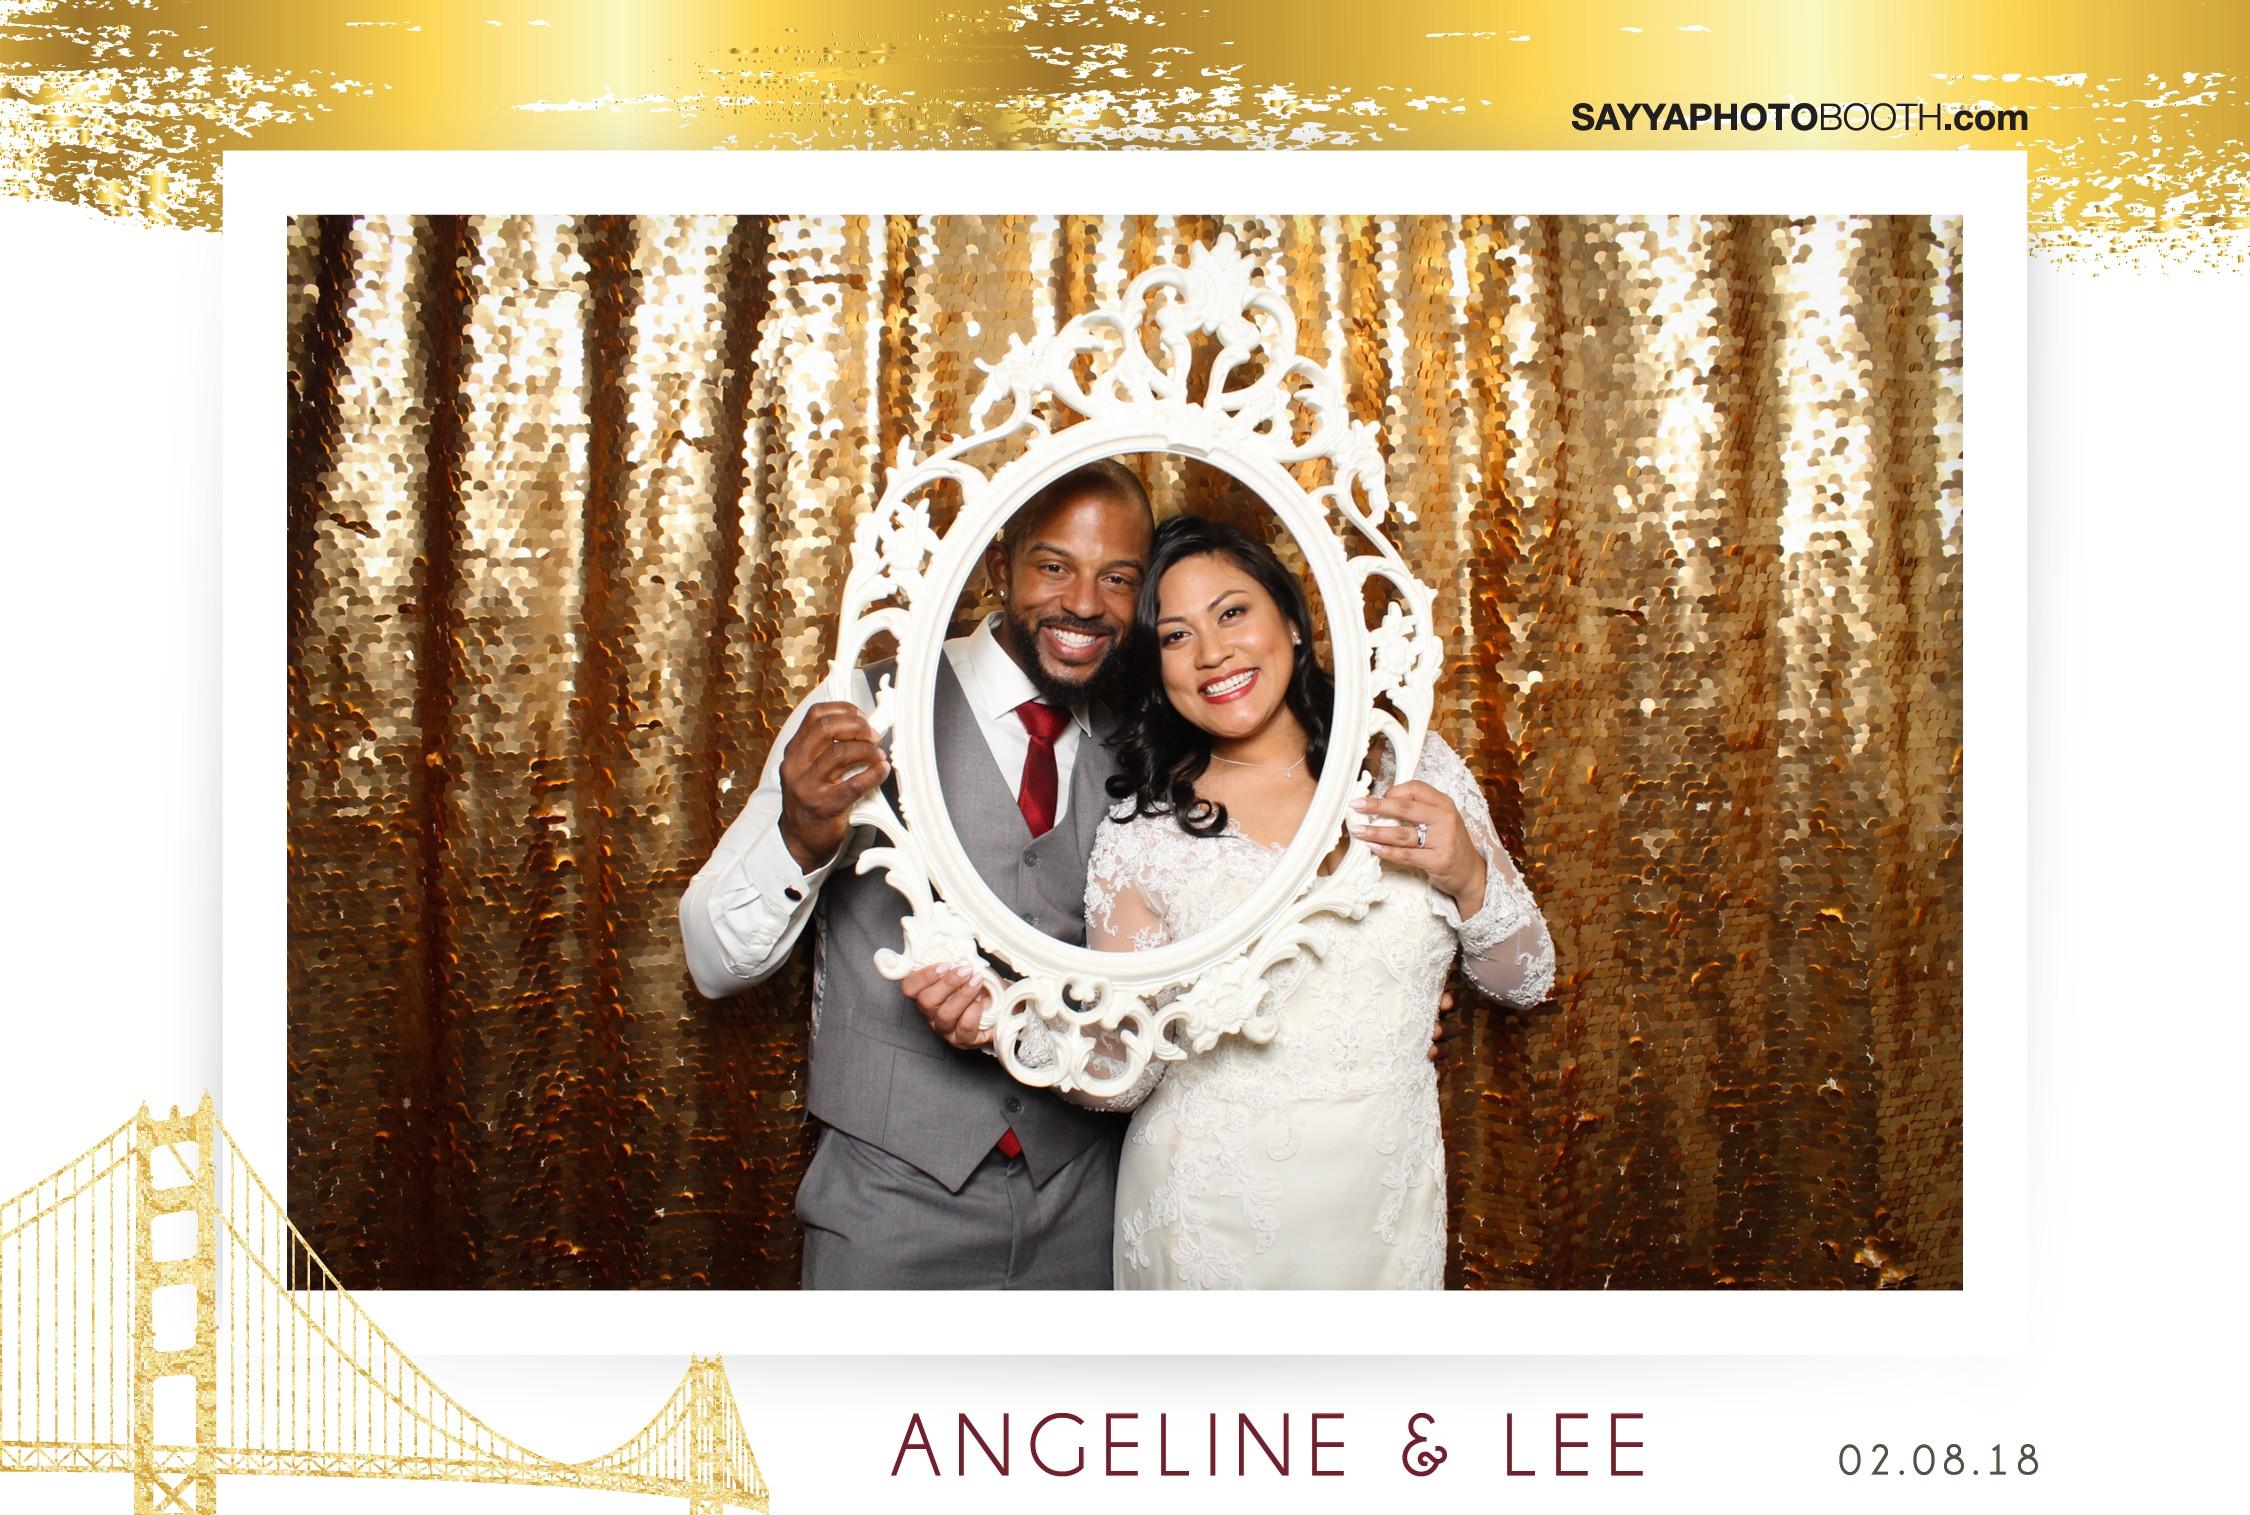 Angeline and Lee's Wedding